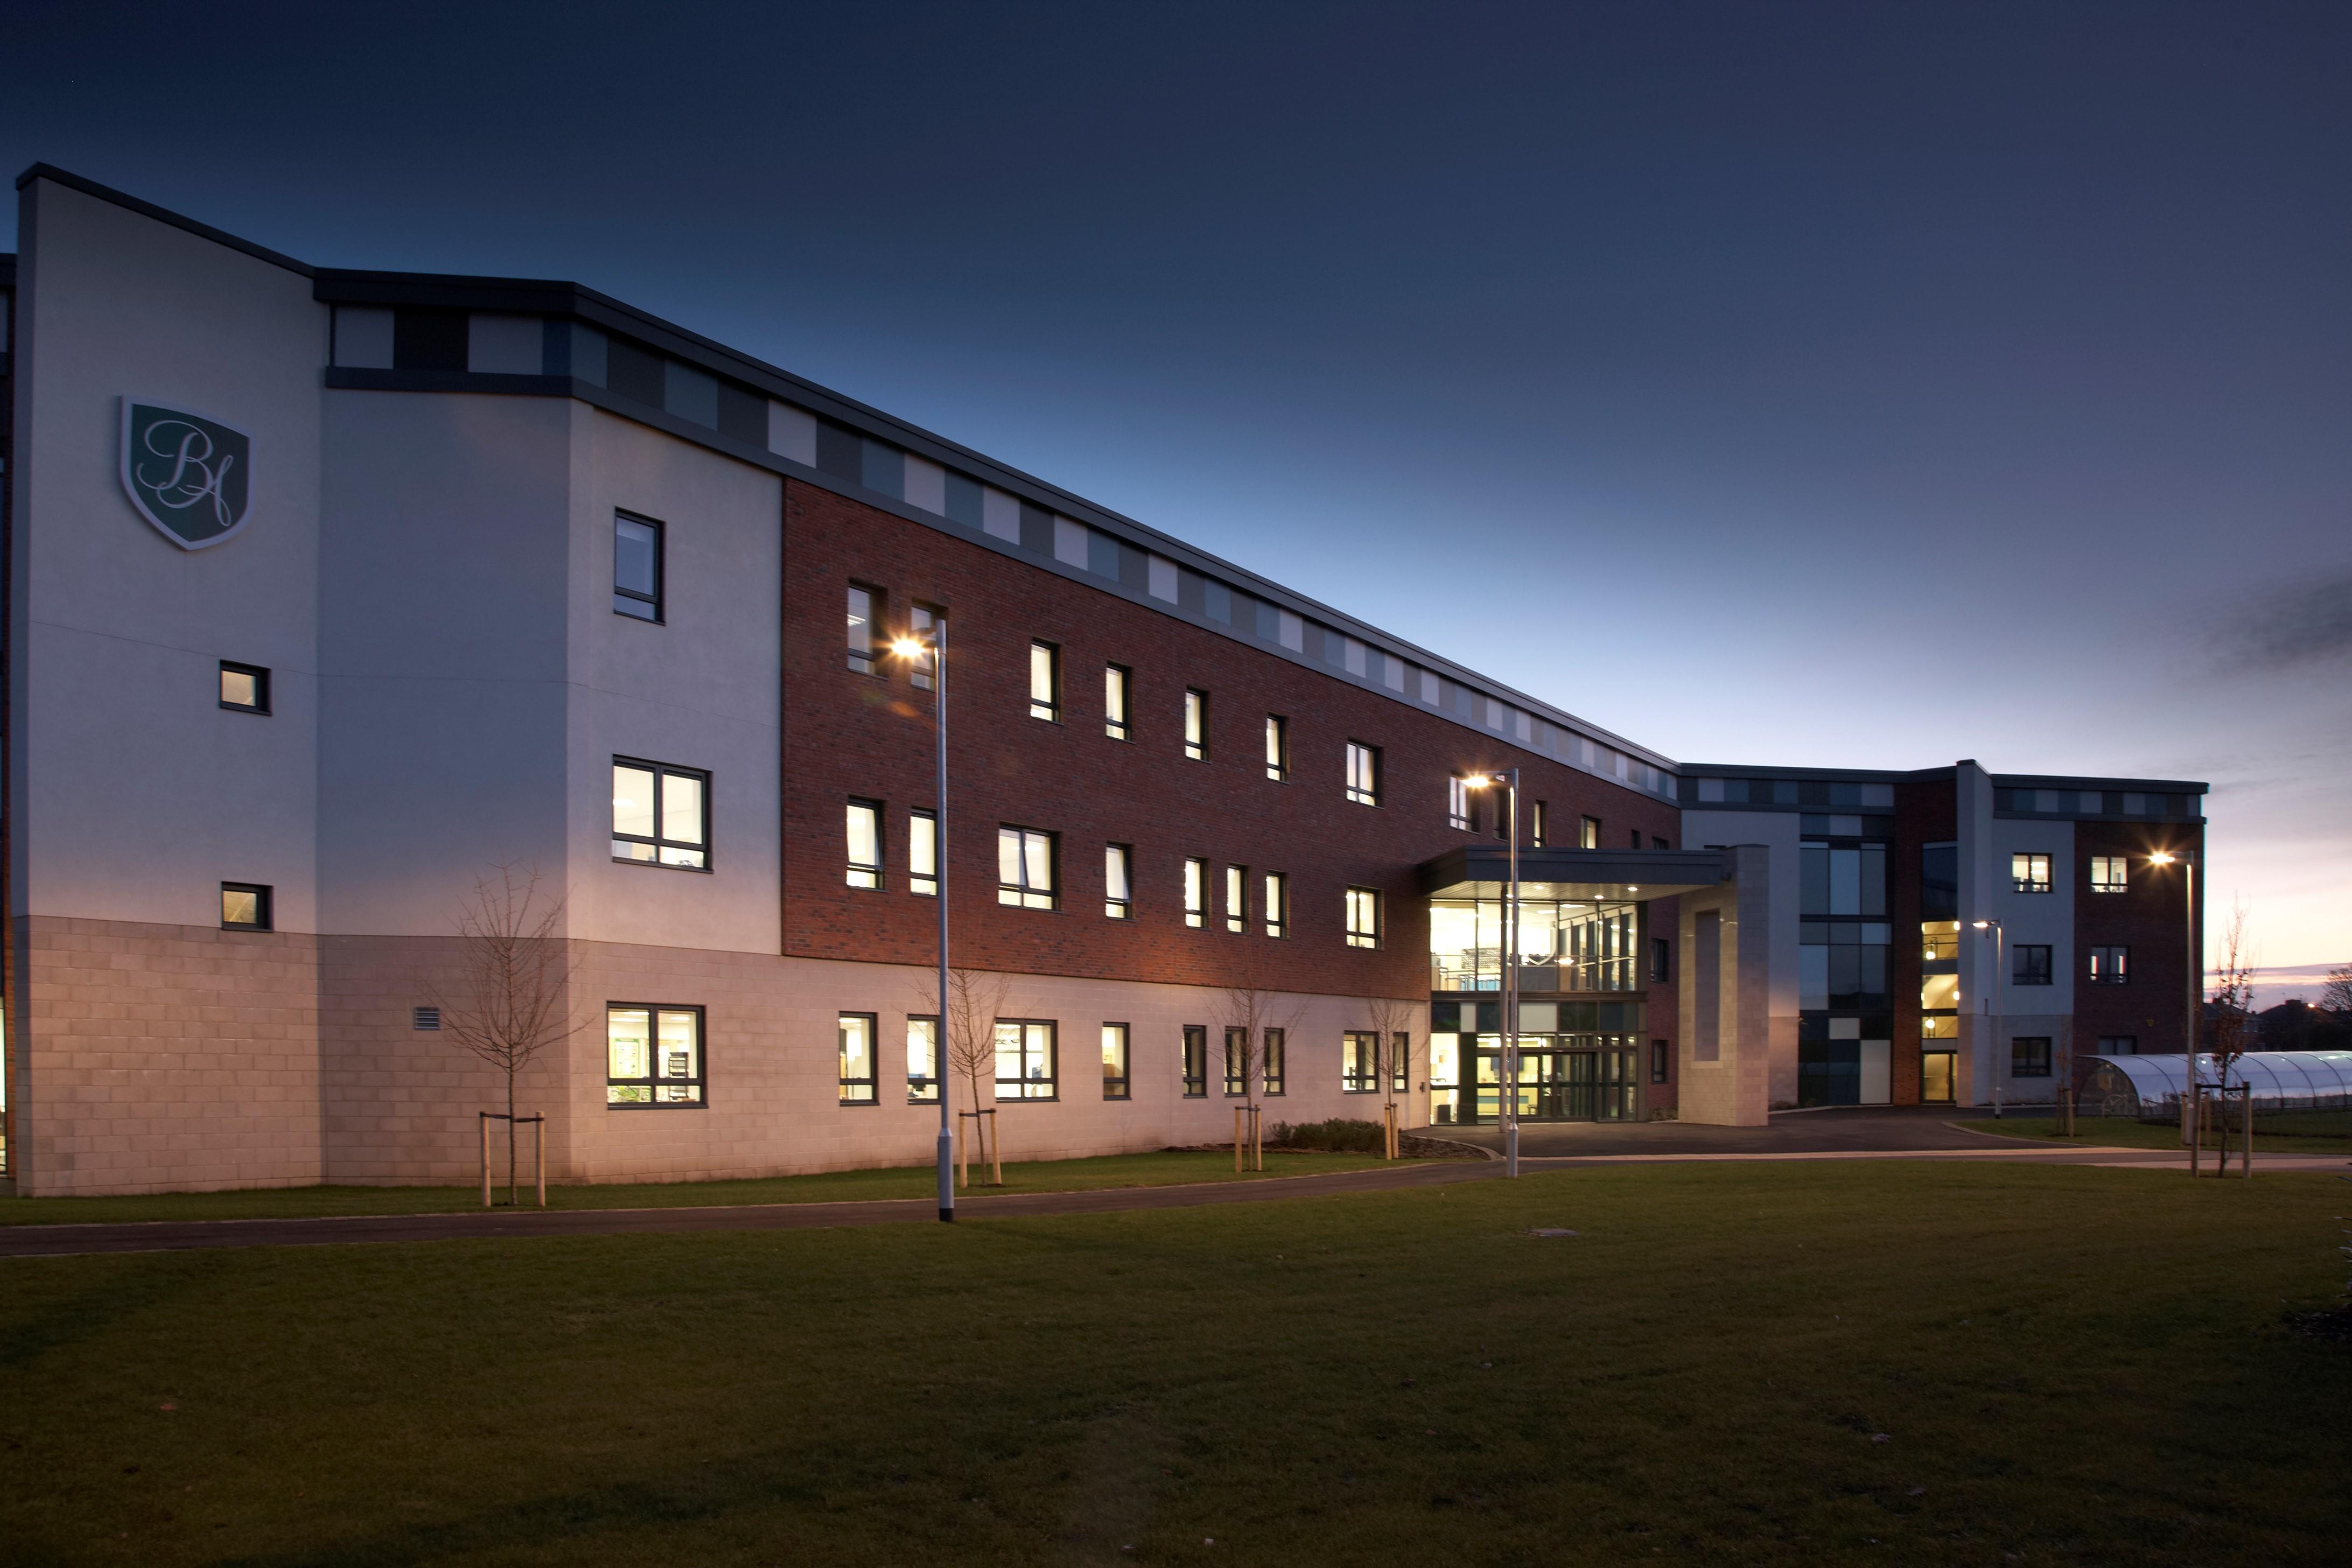 Bede Academy Surgo Construction